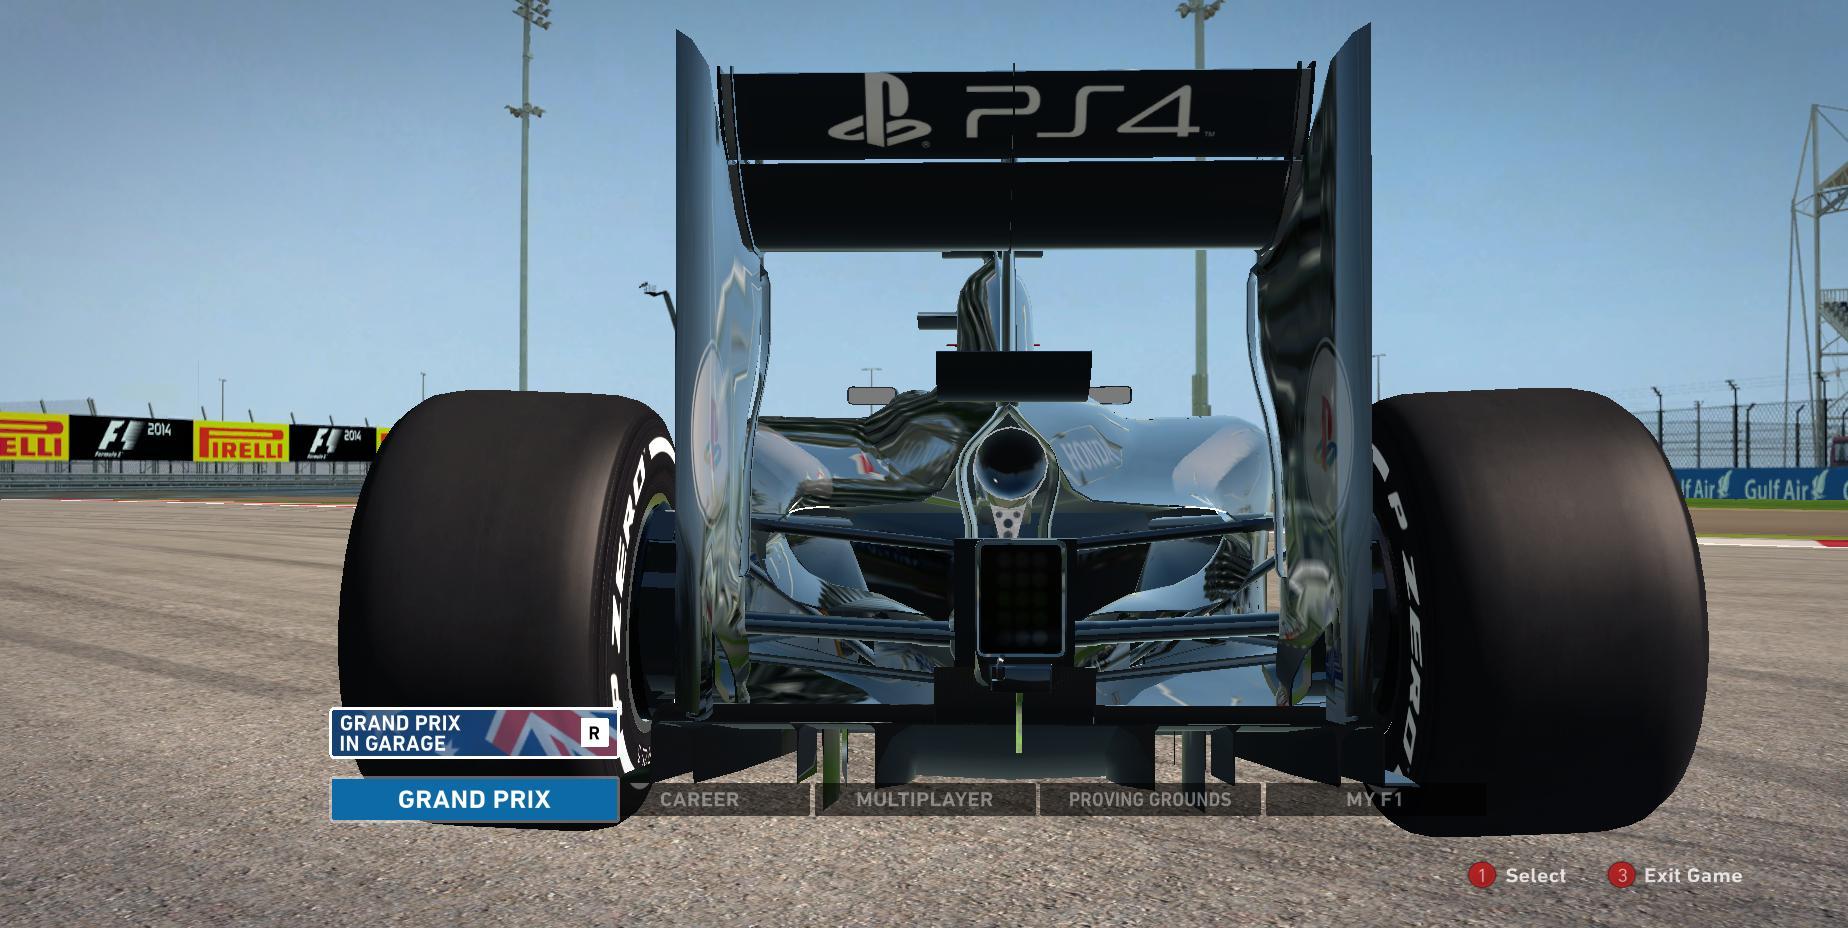 F1_2014 2014-10-23 23-44-55-11.jpg